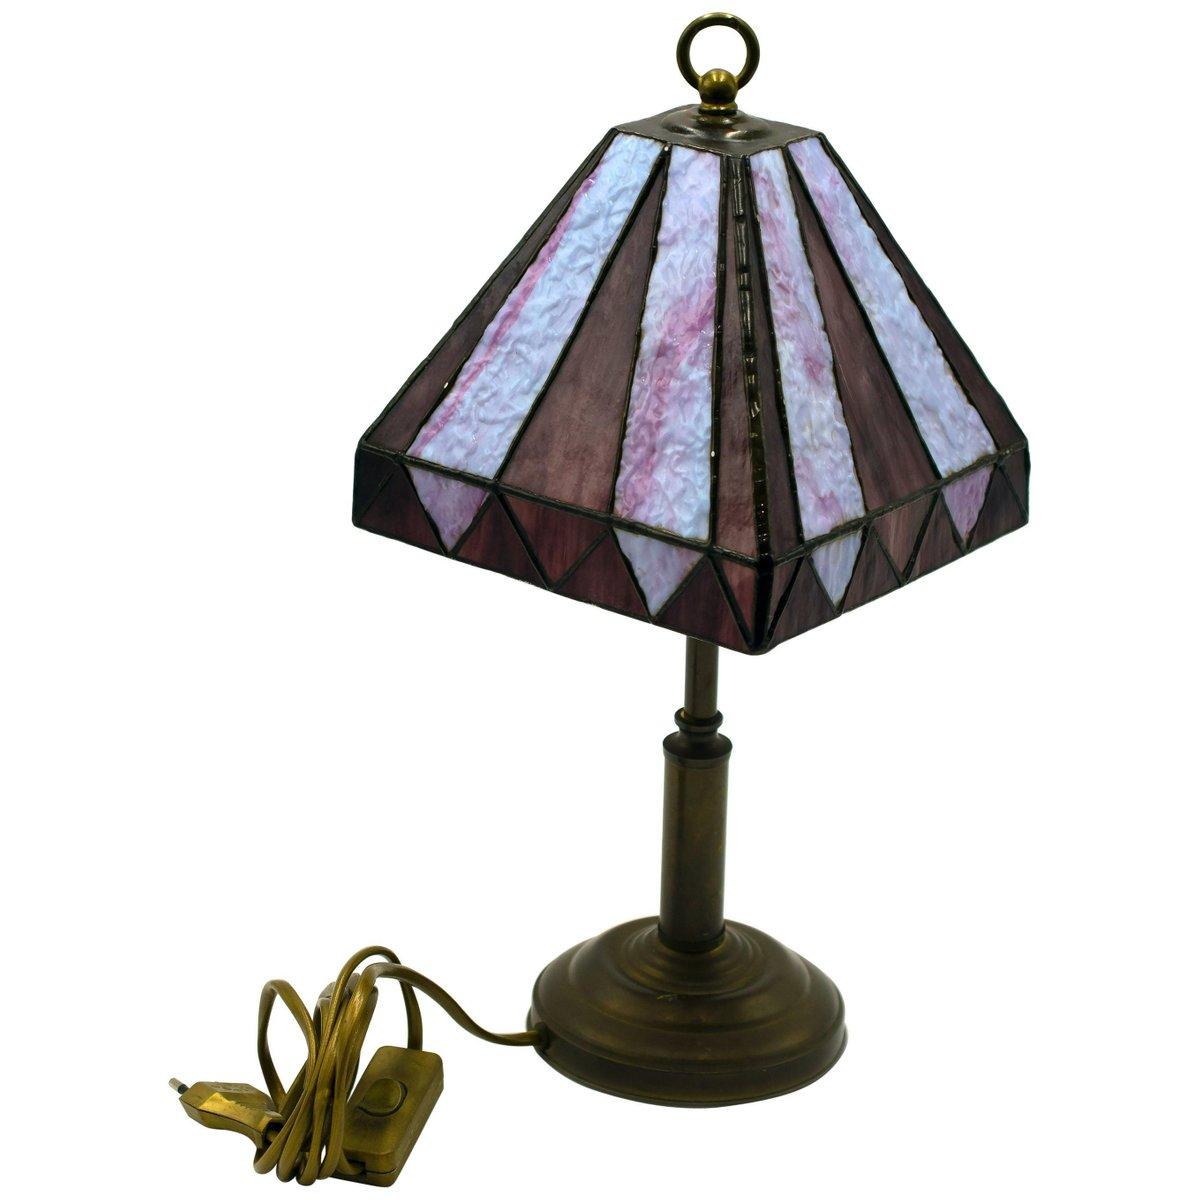 Lampada Da Tavolo Vintage In Stile Tiffany Fine Anni 50 In Vendita Su Pamono